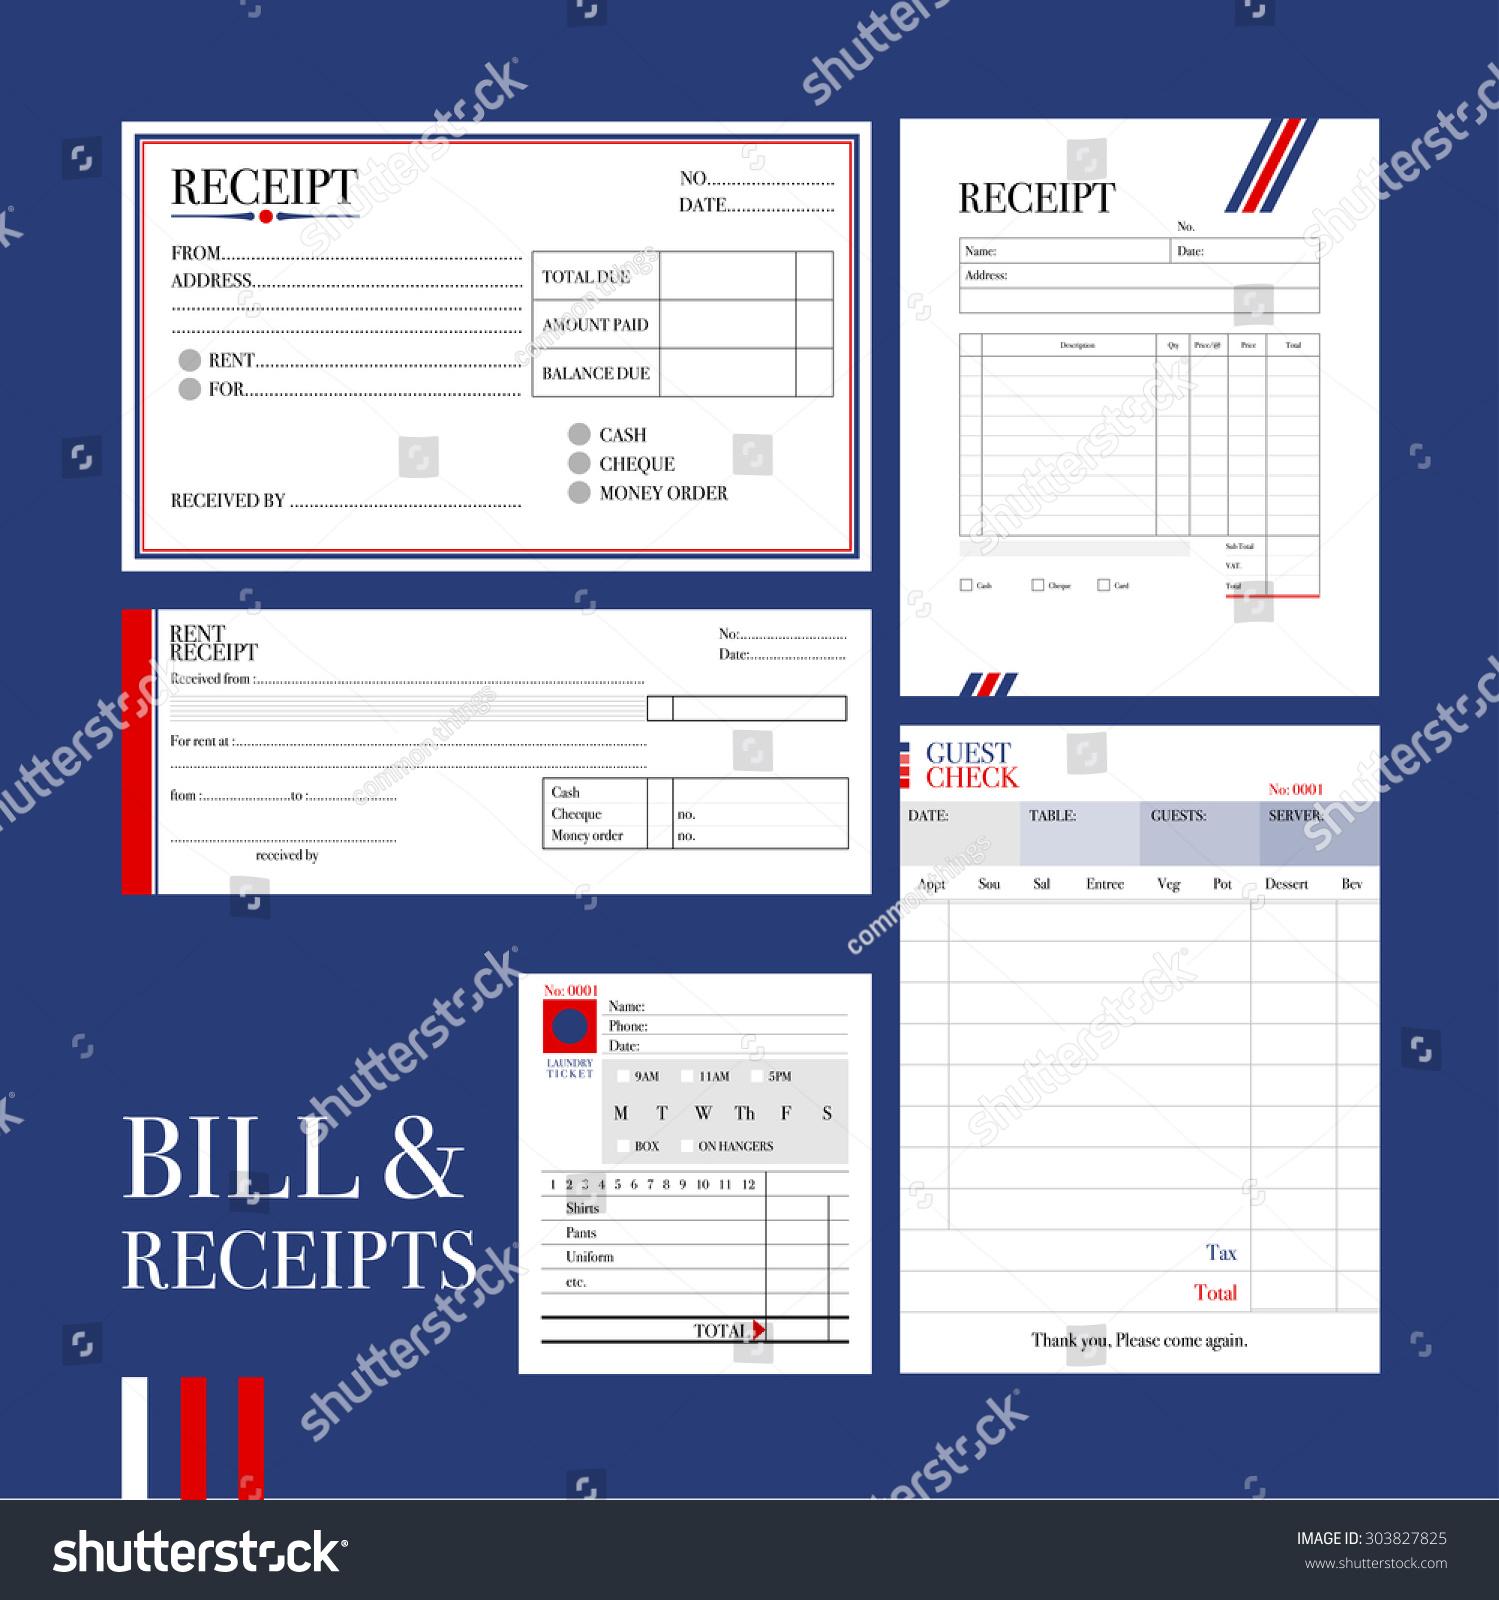 Bill Receipts various Types Bill Receipt Templates Vector – Bill Receipt